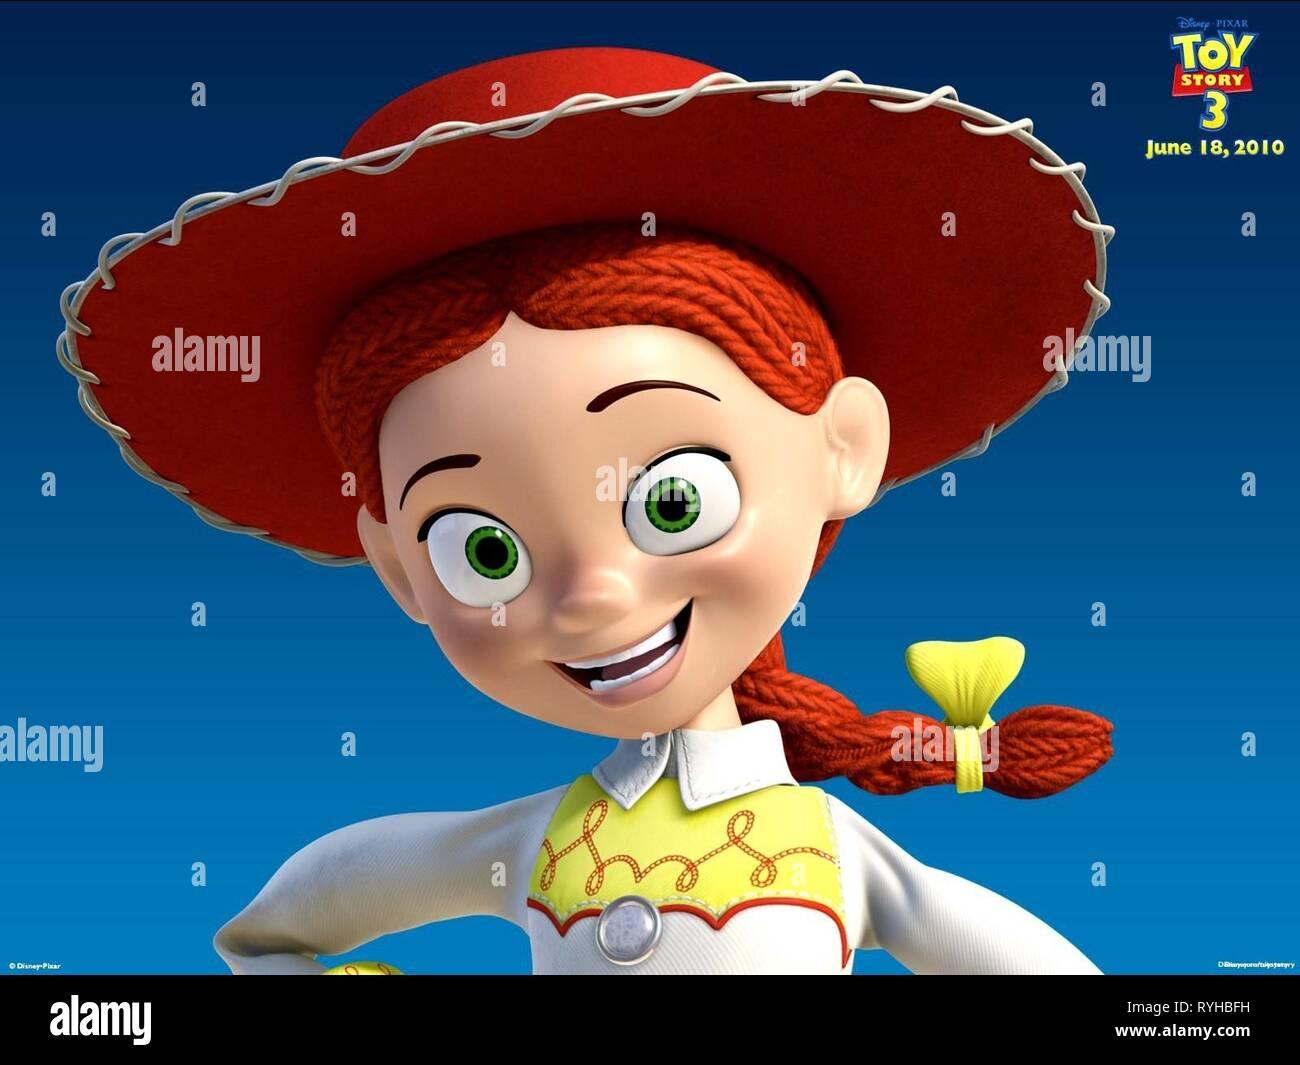 JESSIE, TOY STORY 3, 2010 - Stock Image